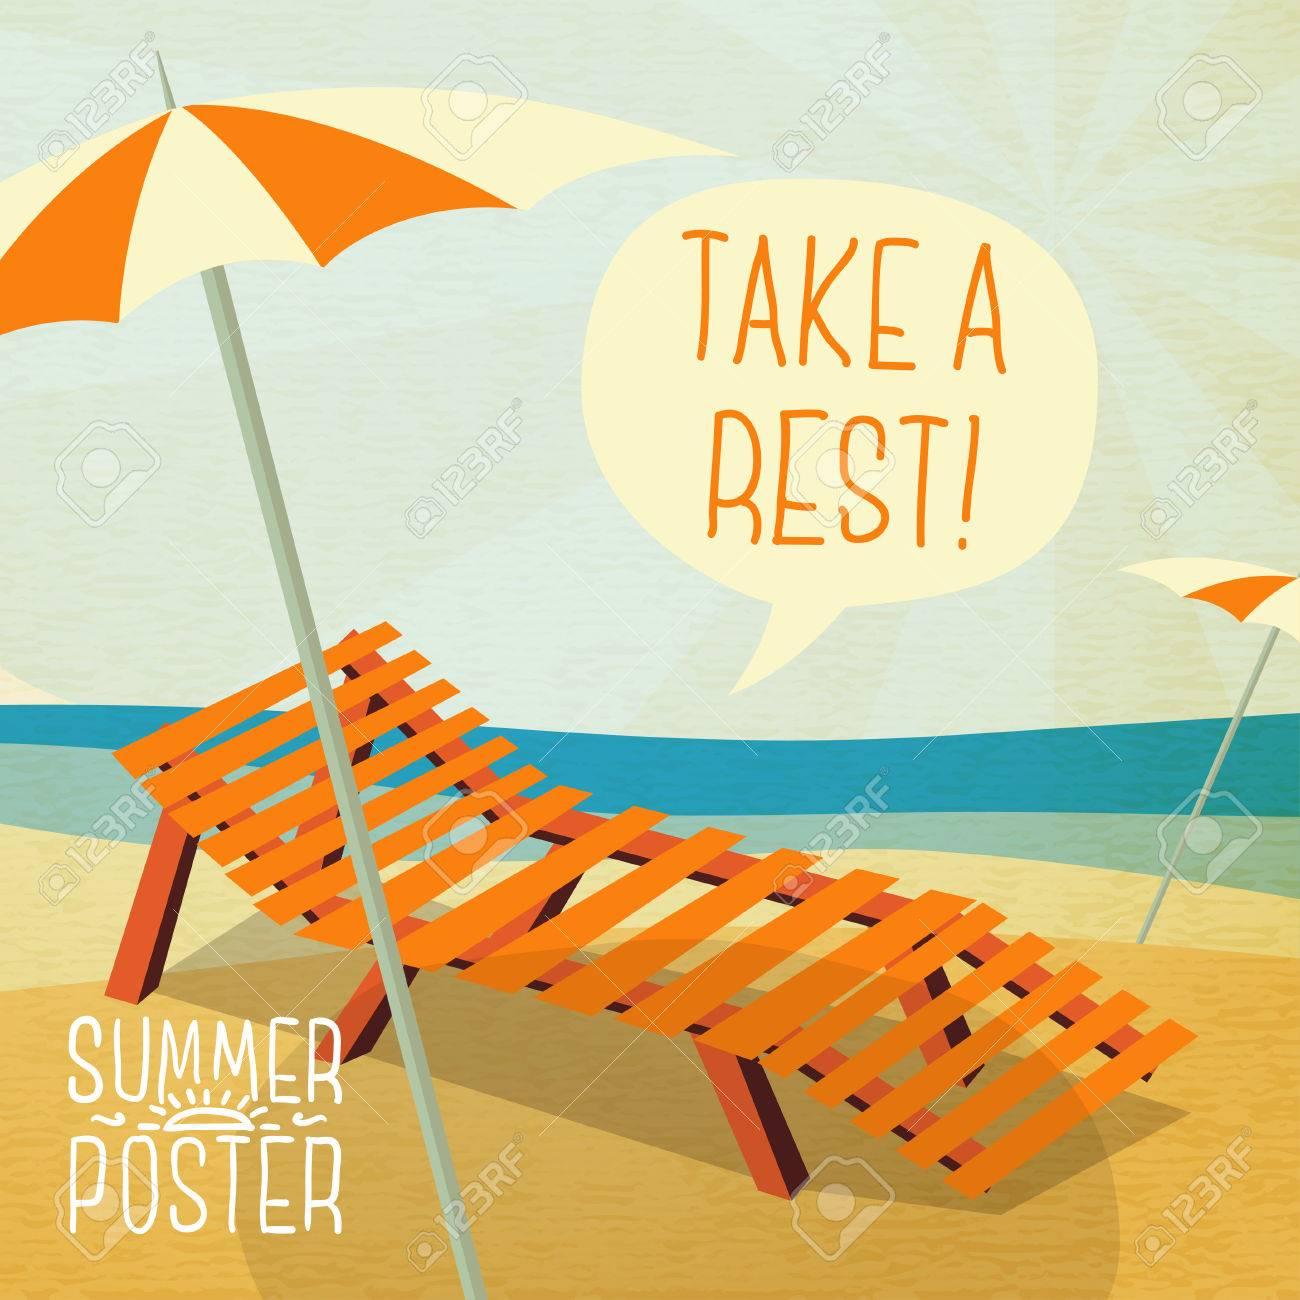 TexteVector Bain ParasolBulle Mignon Affiche Avec Votre Soleil De Pour D'été Longue Sur Chaise La xhCQdrts